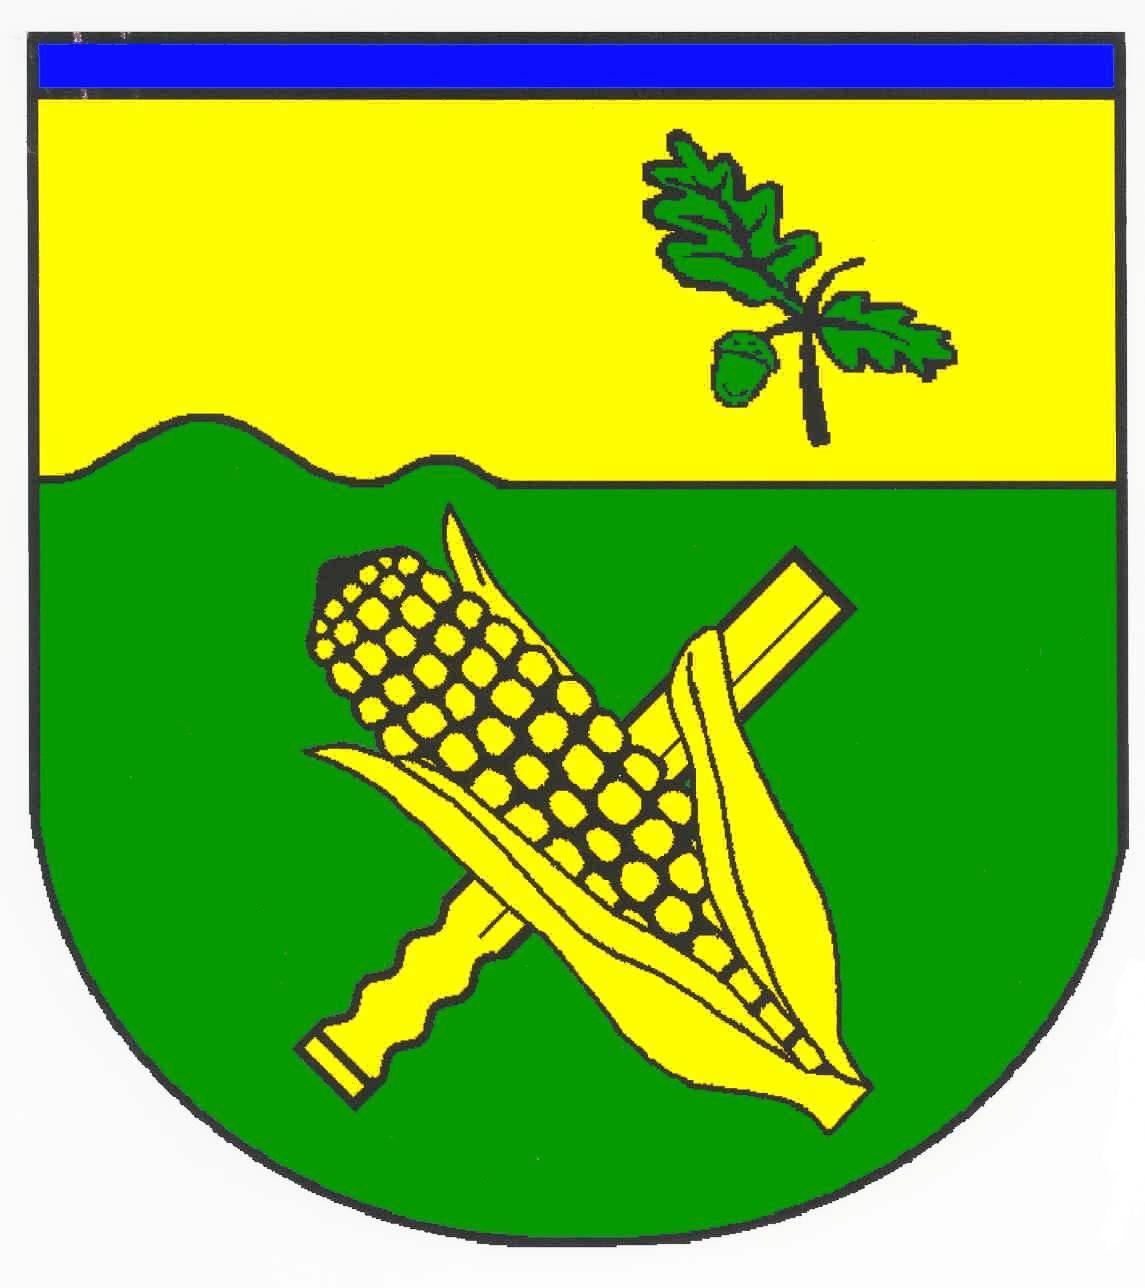 Wappen GemeindeGoldelund, Kreis Nordfriesland